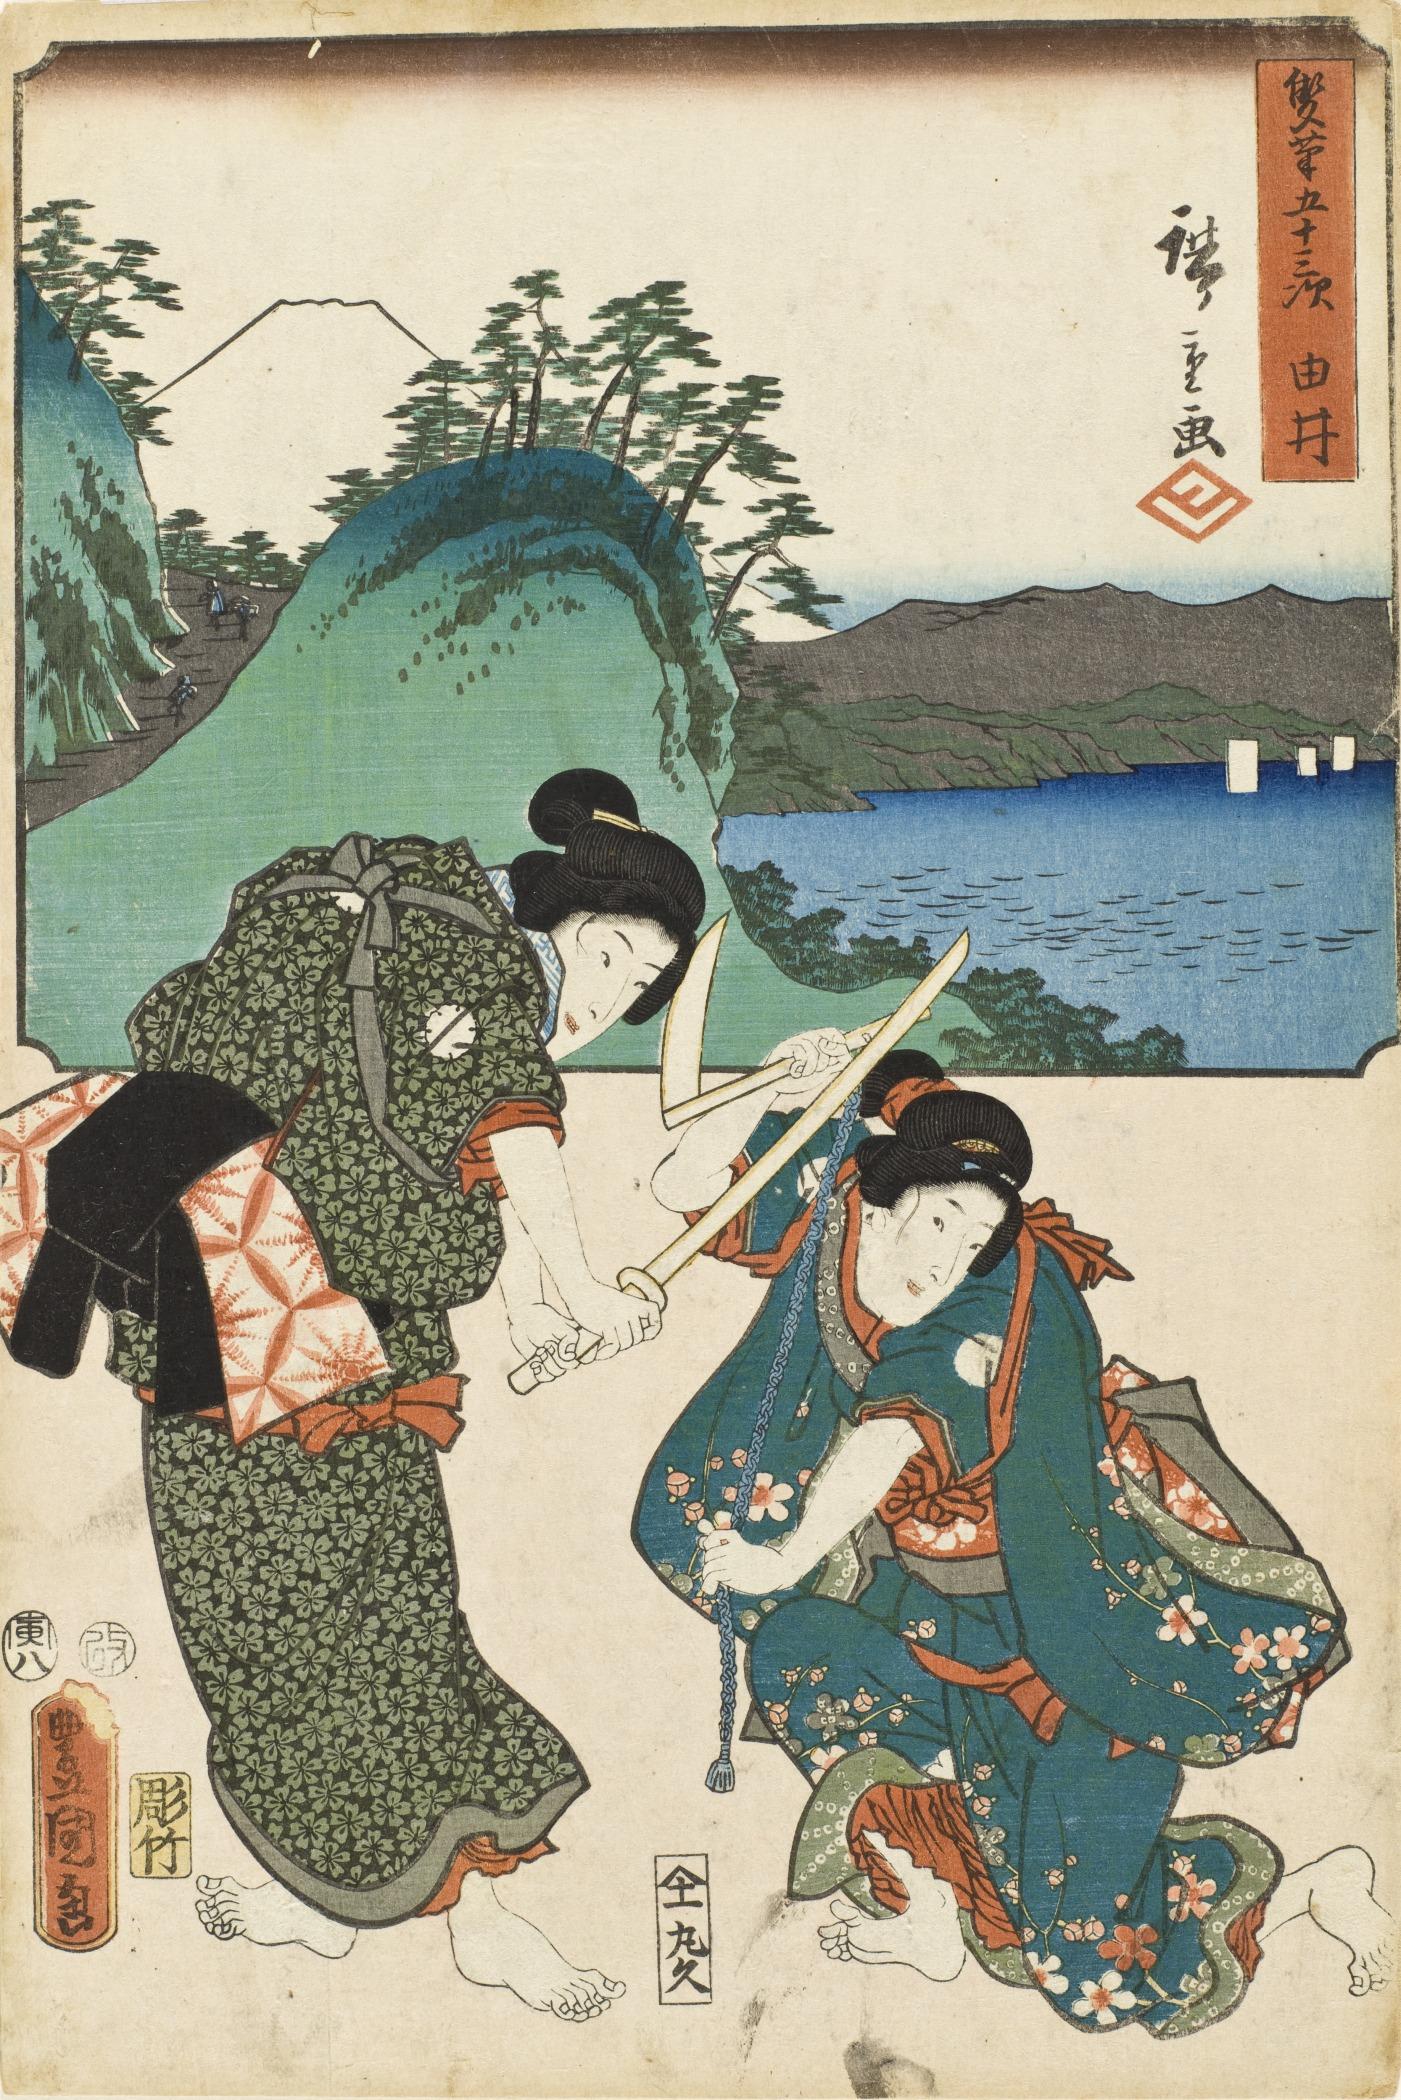 Fileyui, Utagawa Kunisada Toyokuni Iii Japan, Edo -4798